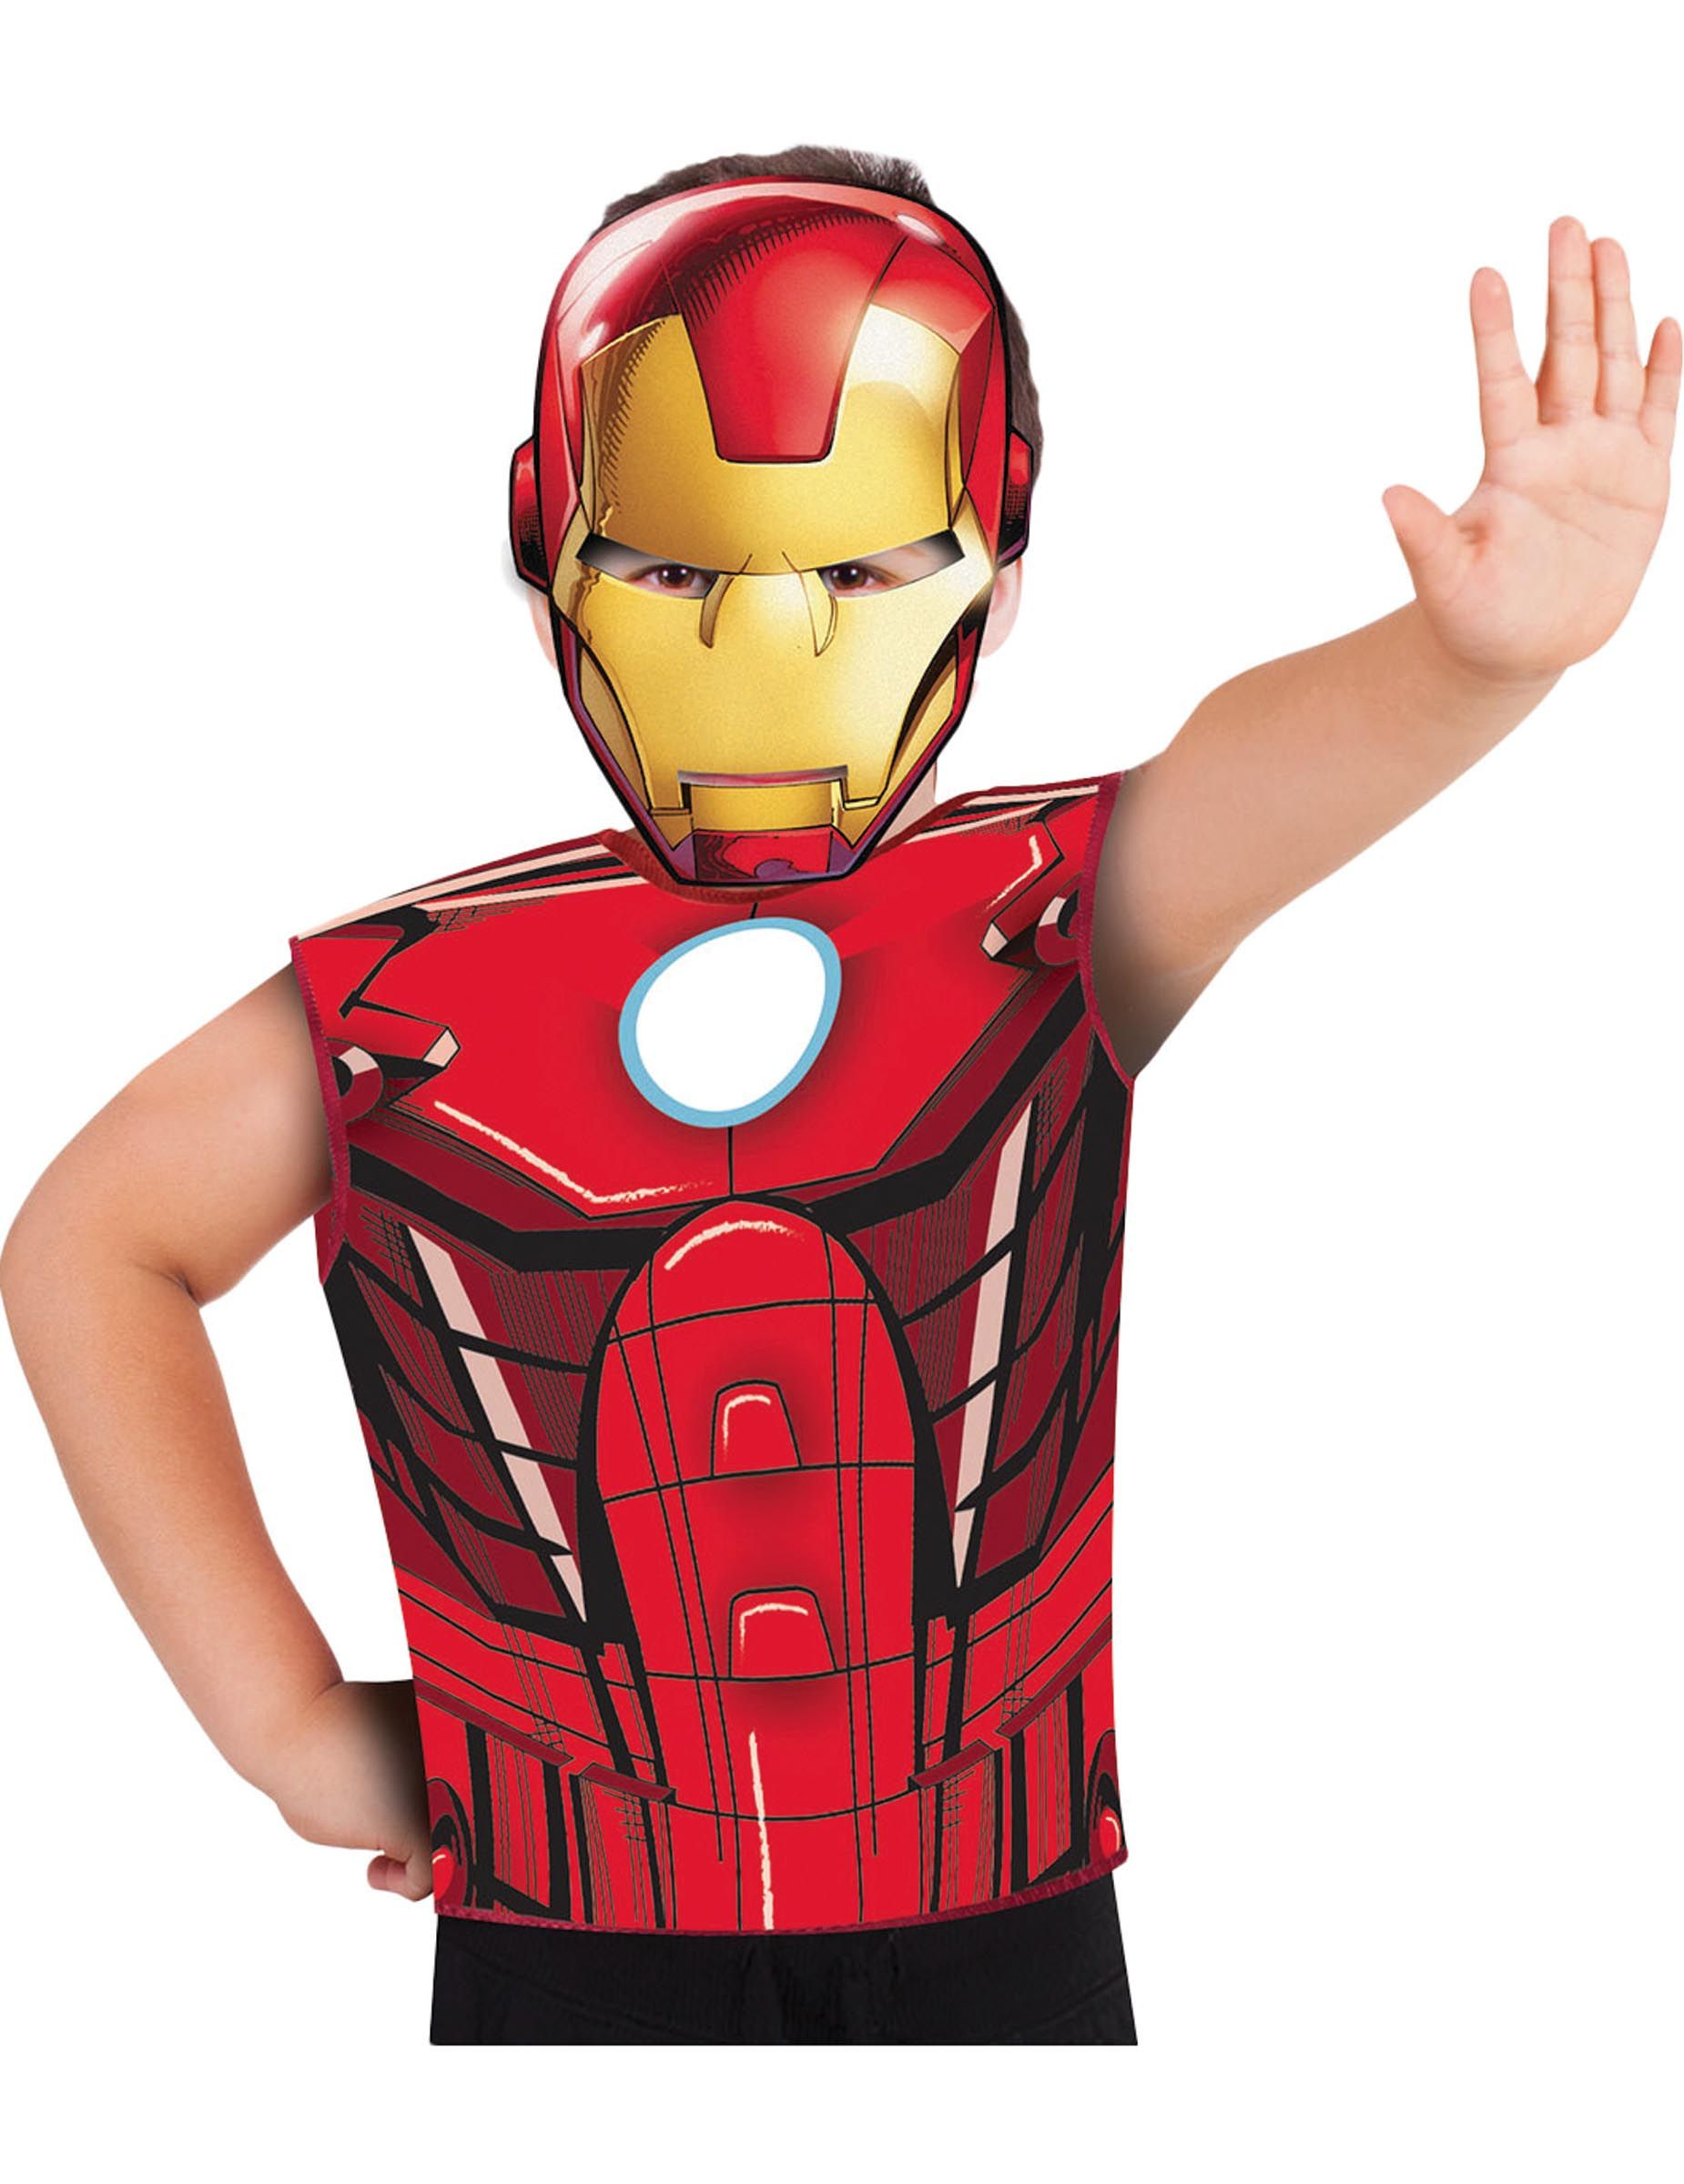 Iron Man Kostum Set Fur Kinder Mit Shirt Und Maske Gunstige Faschings Kostume Bei Karneval Megastore Mask For Kids Cardboard Mask Iron Man